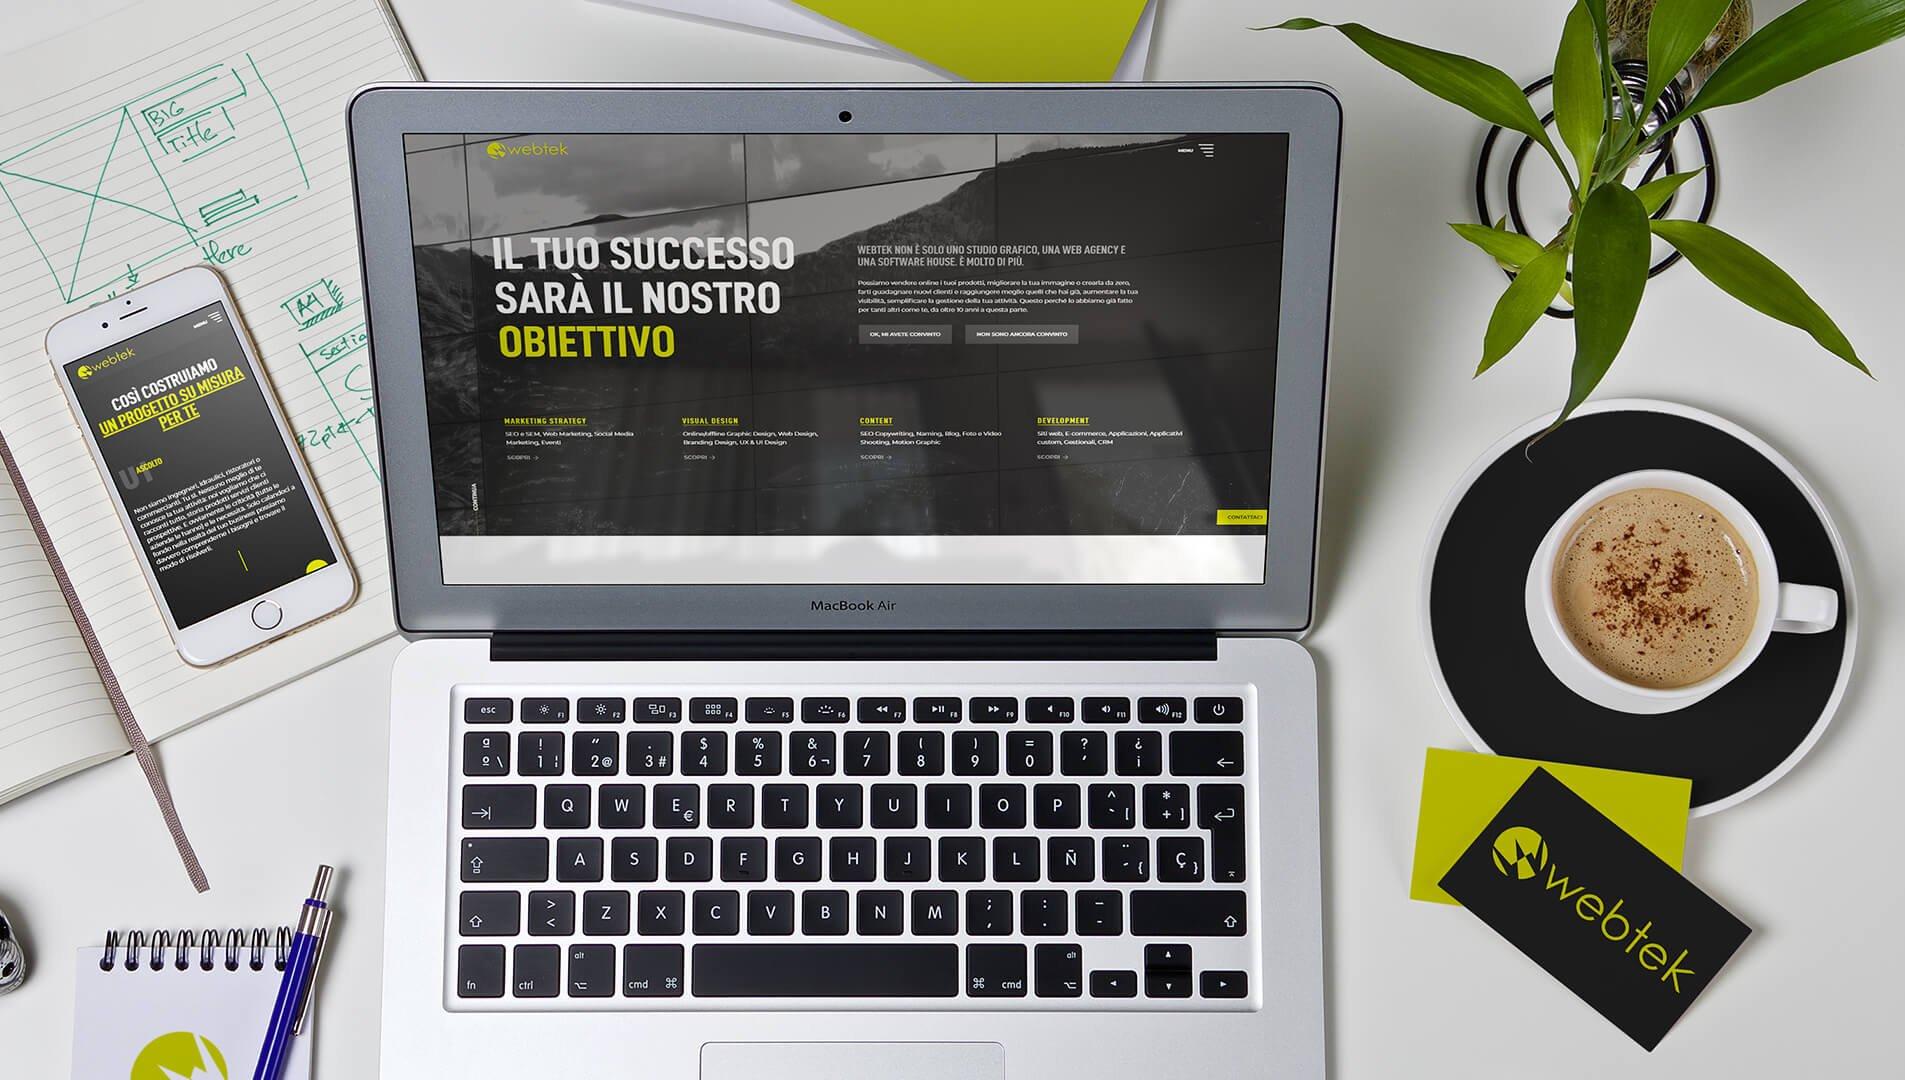 Projekt strony internetowej Brasilmoka i usługi SEO świadczone przez Webtek.